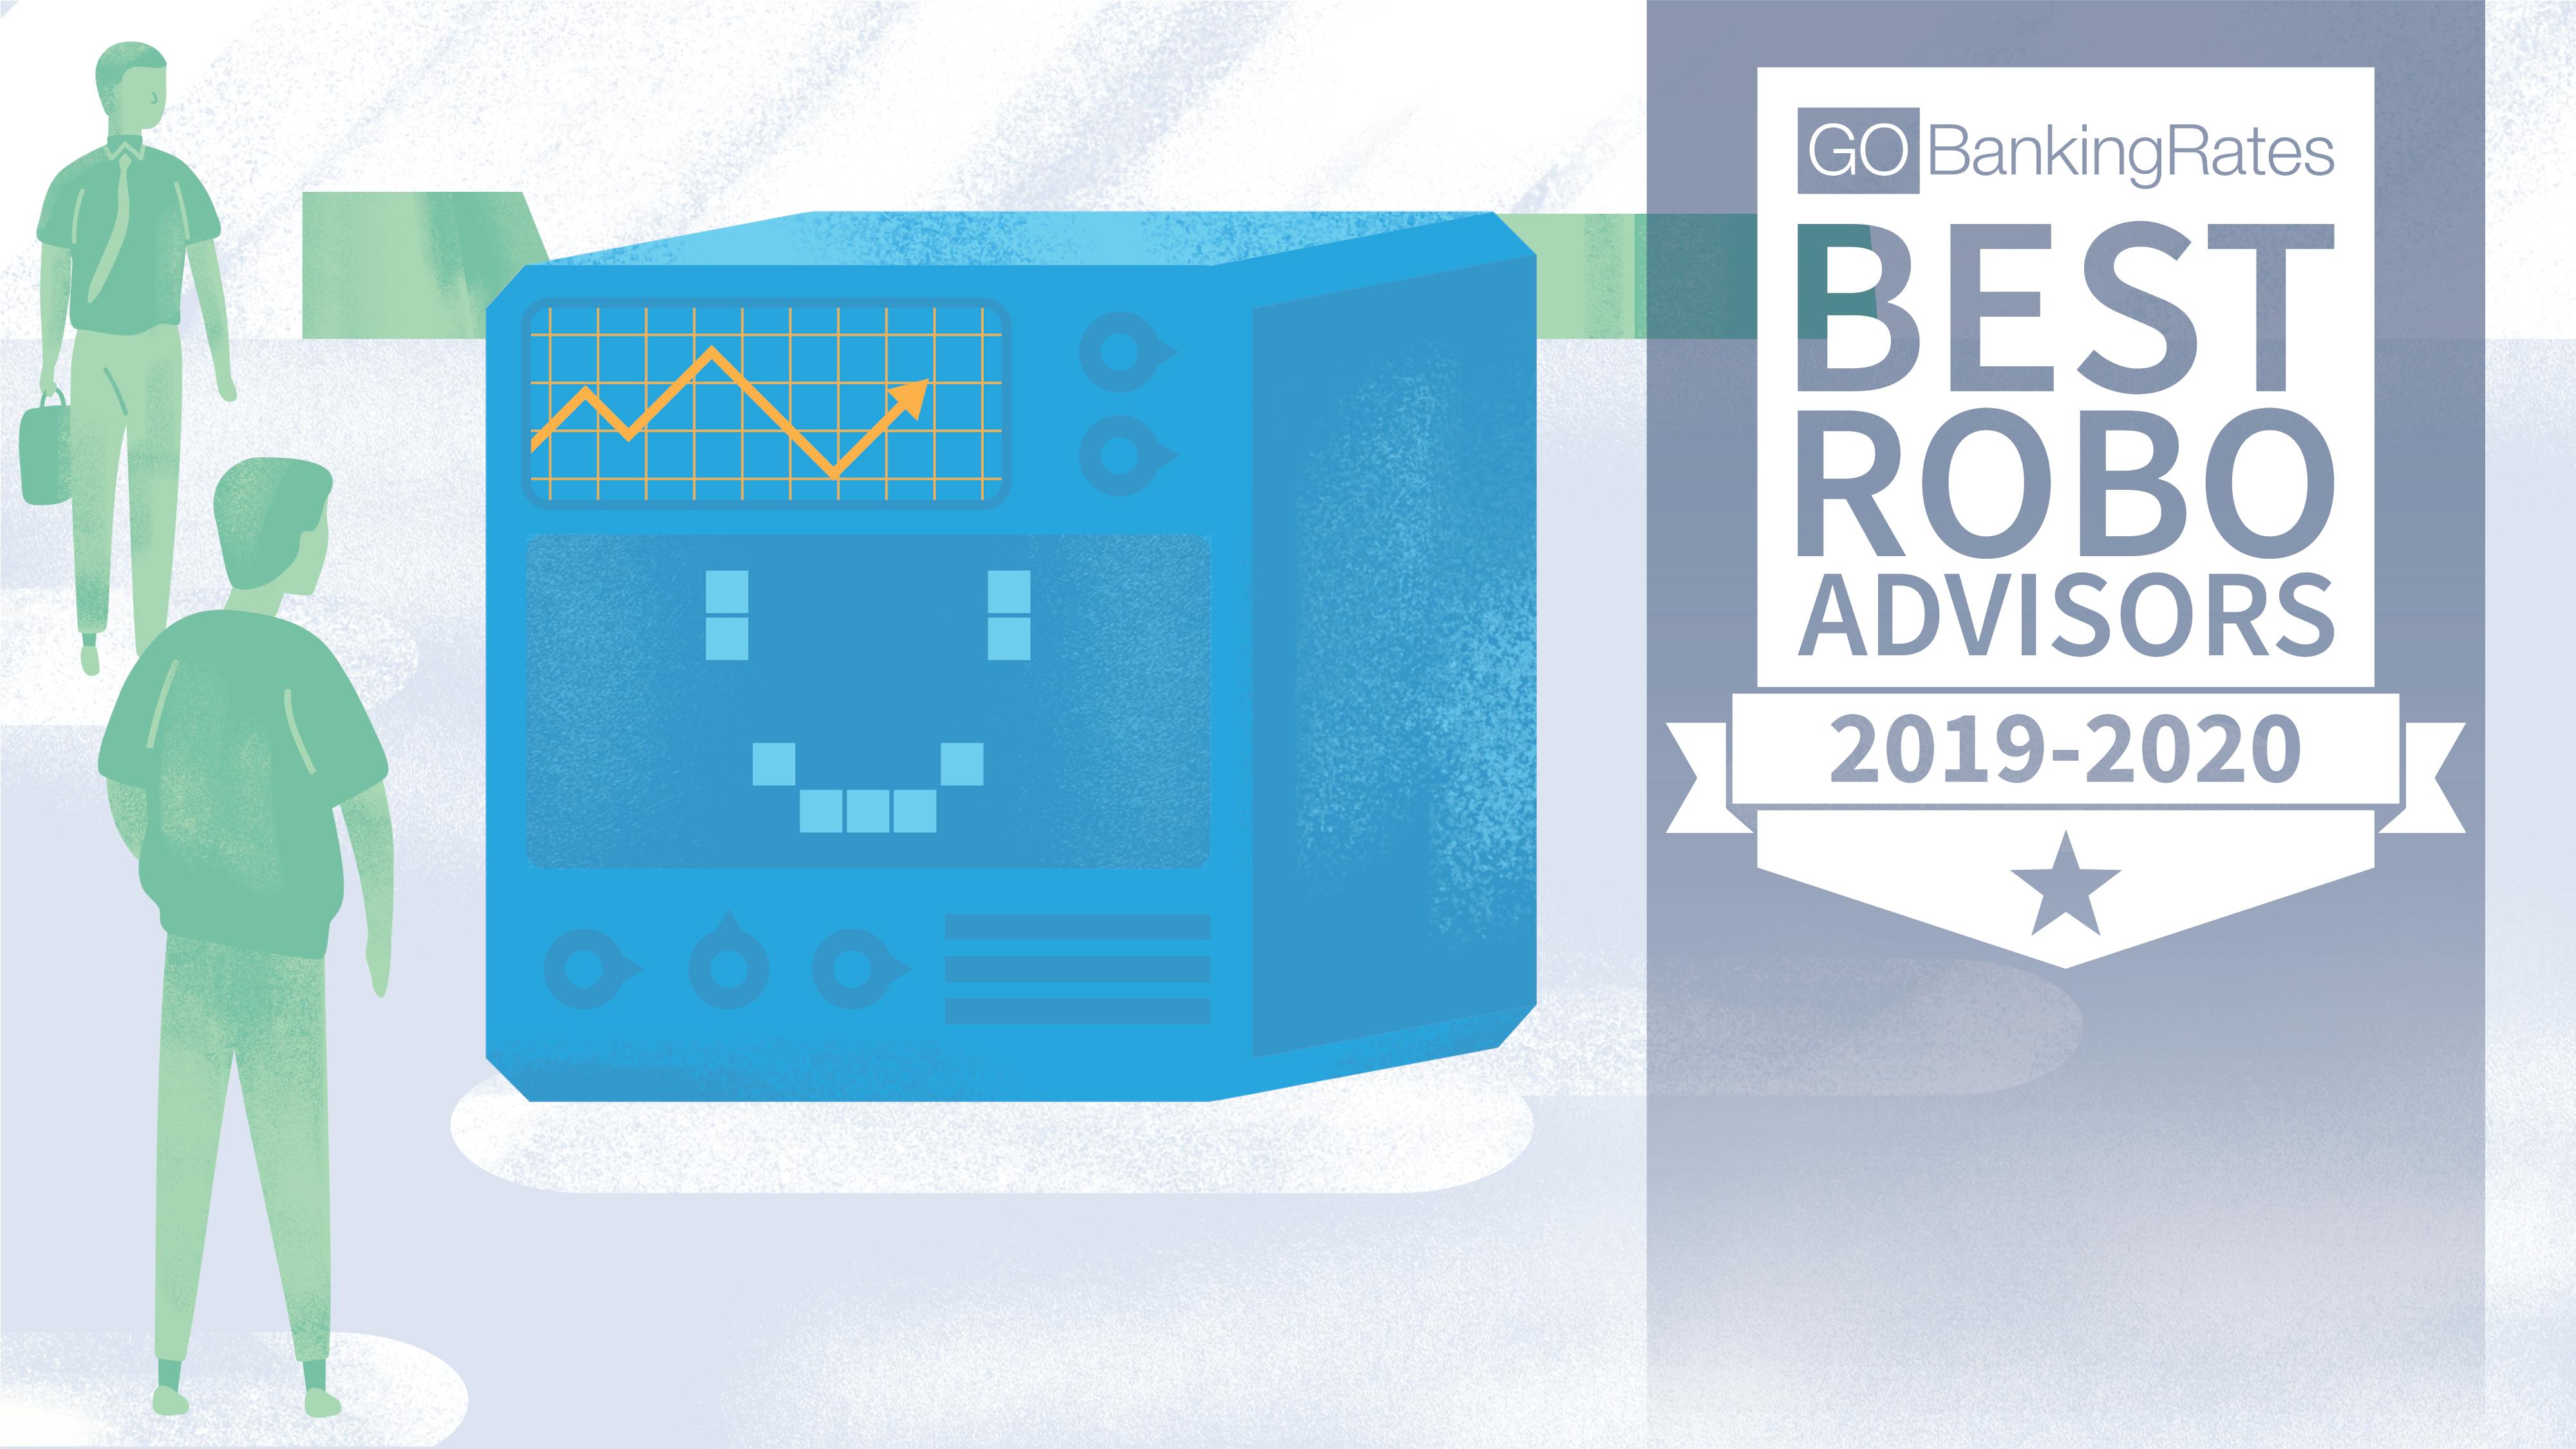 Best Robo-Advisors of 2019-2020